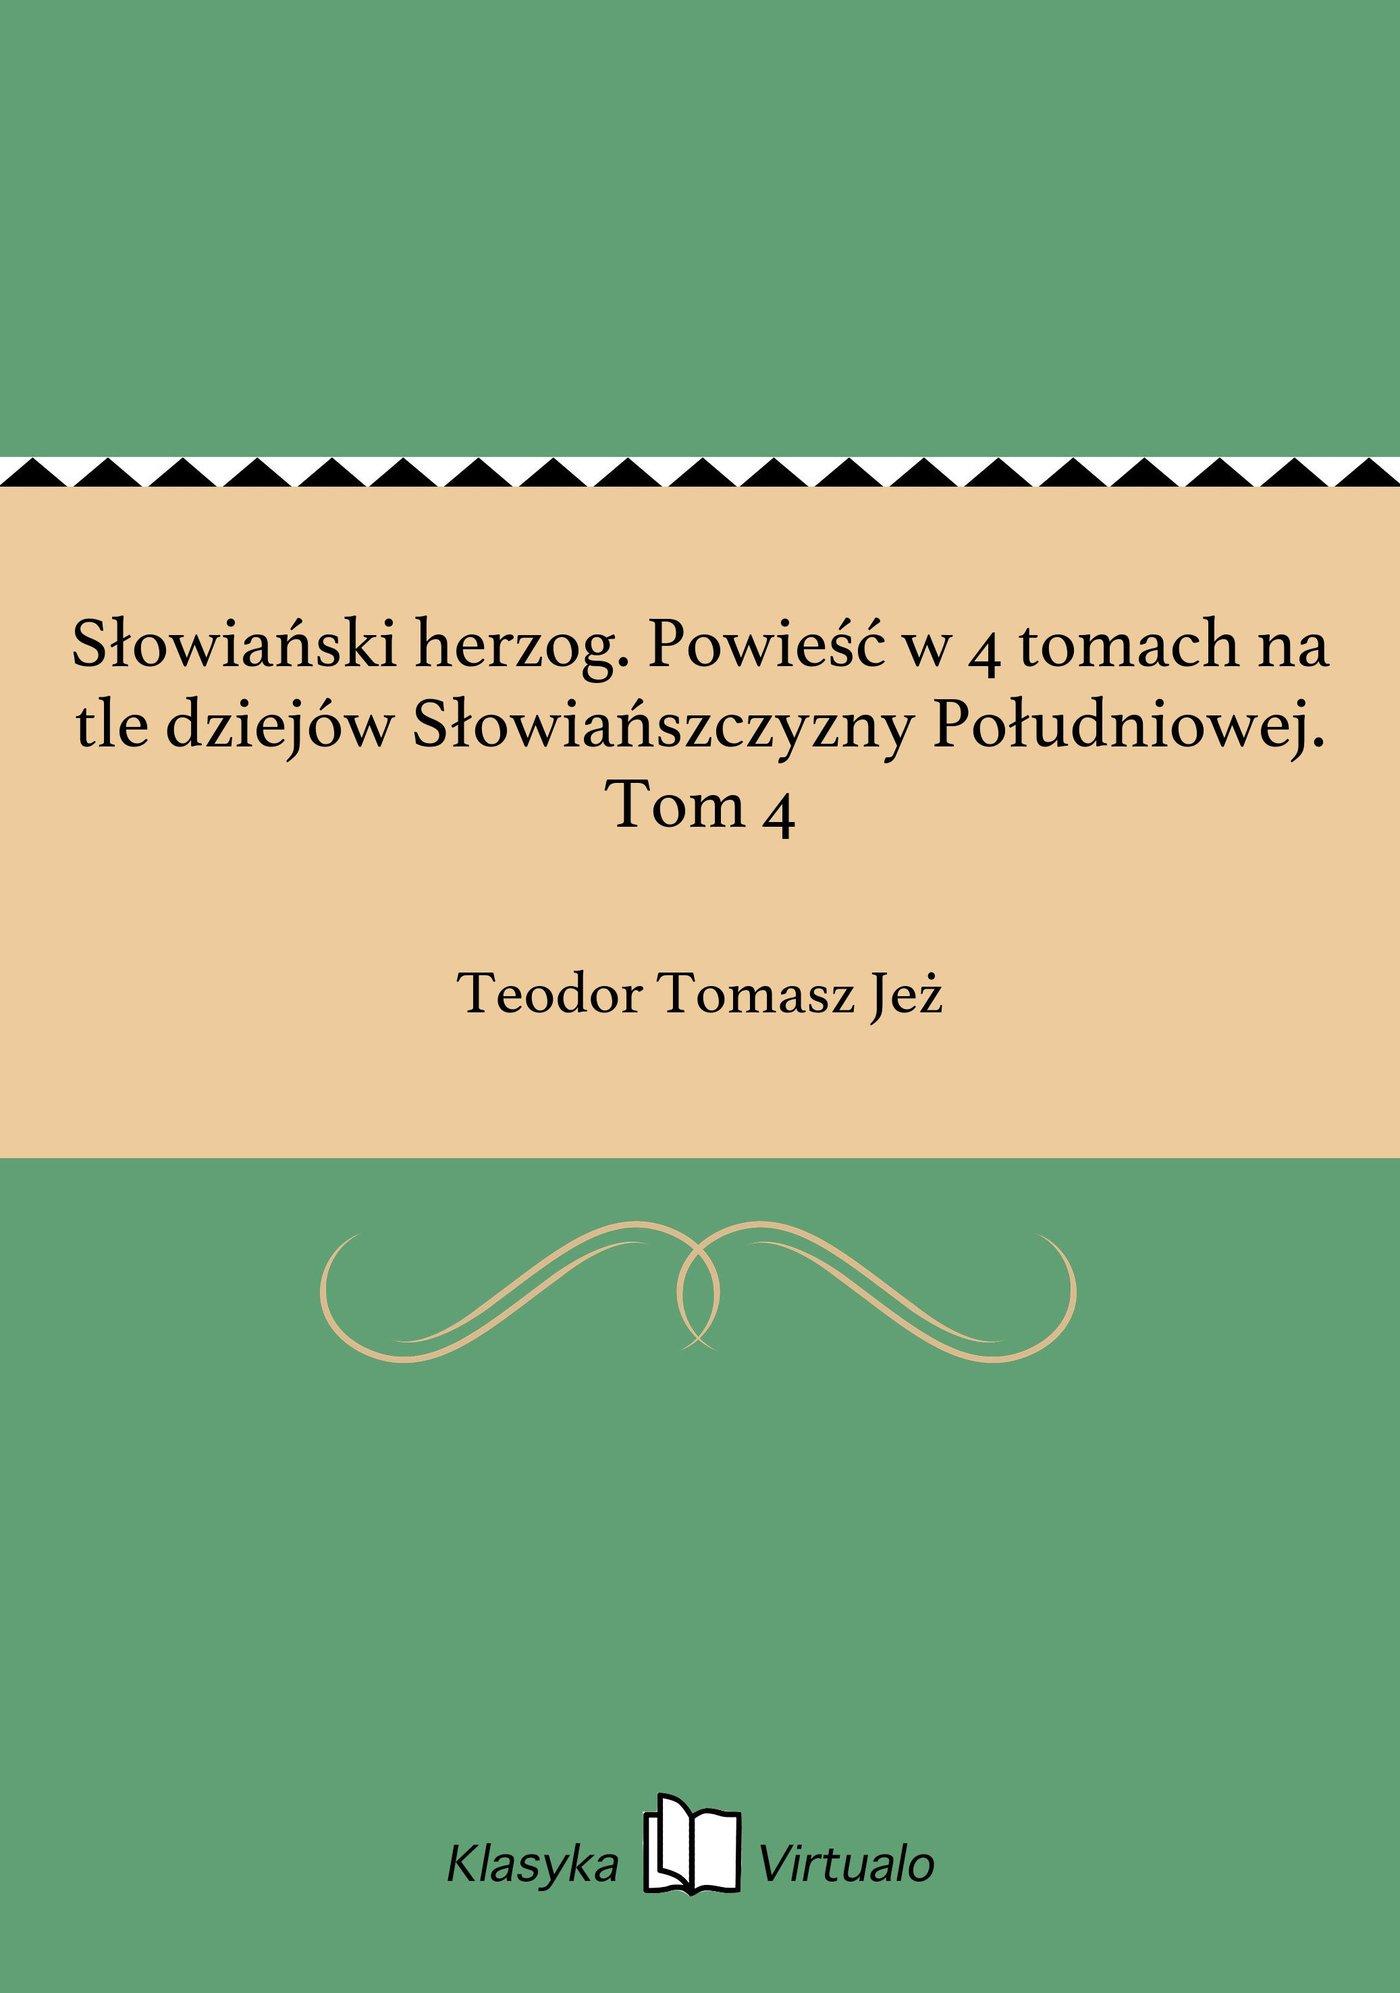 Słowiański herzog. Powieść w 4 tomach na tle dziejów Słowiańszczyzny Południowej. Tom 4 - Ebook (Książka EPUB) do pobrania w formacie EPUB